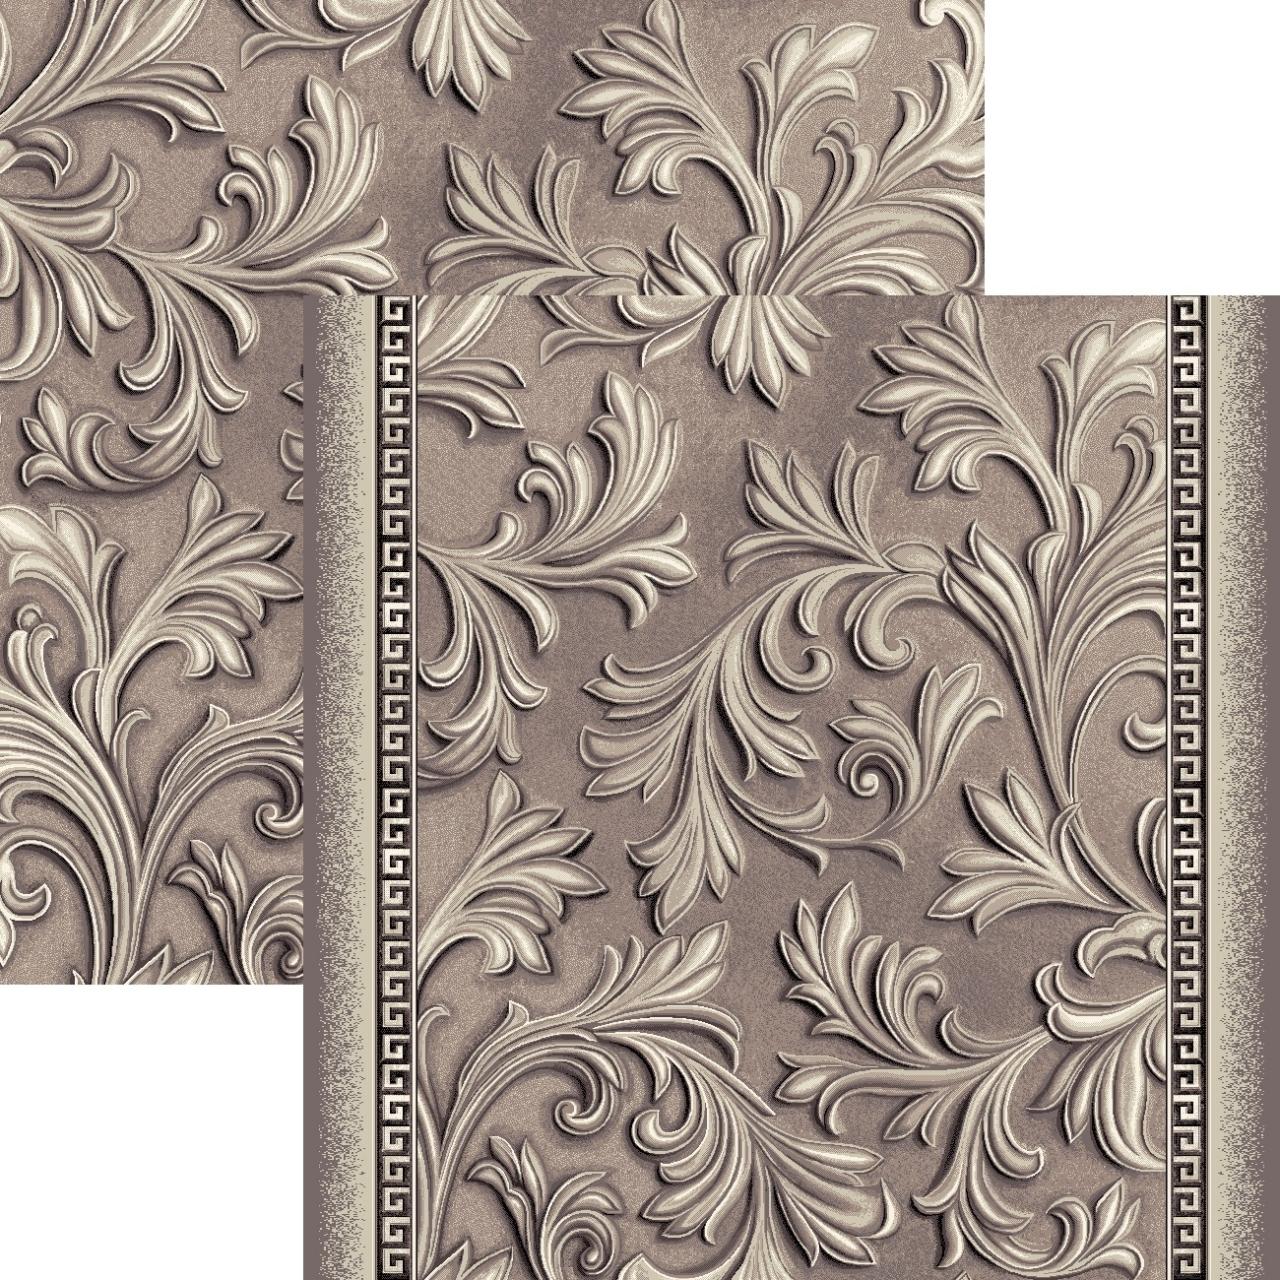 Ковровая дорожка p1685a5r - 100 - коллекция принт 8-ми цветная дорожка